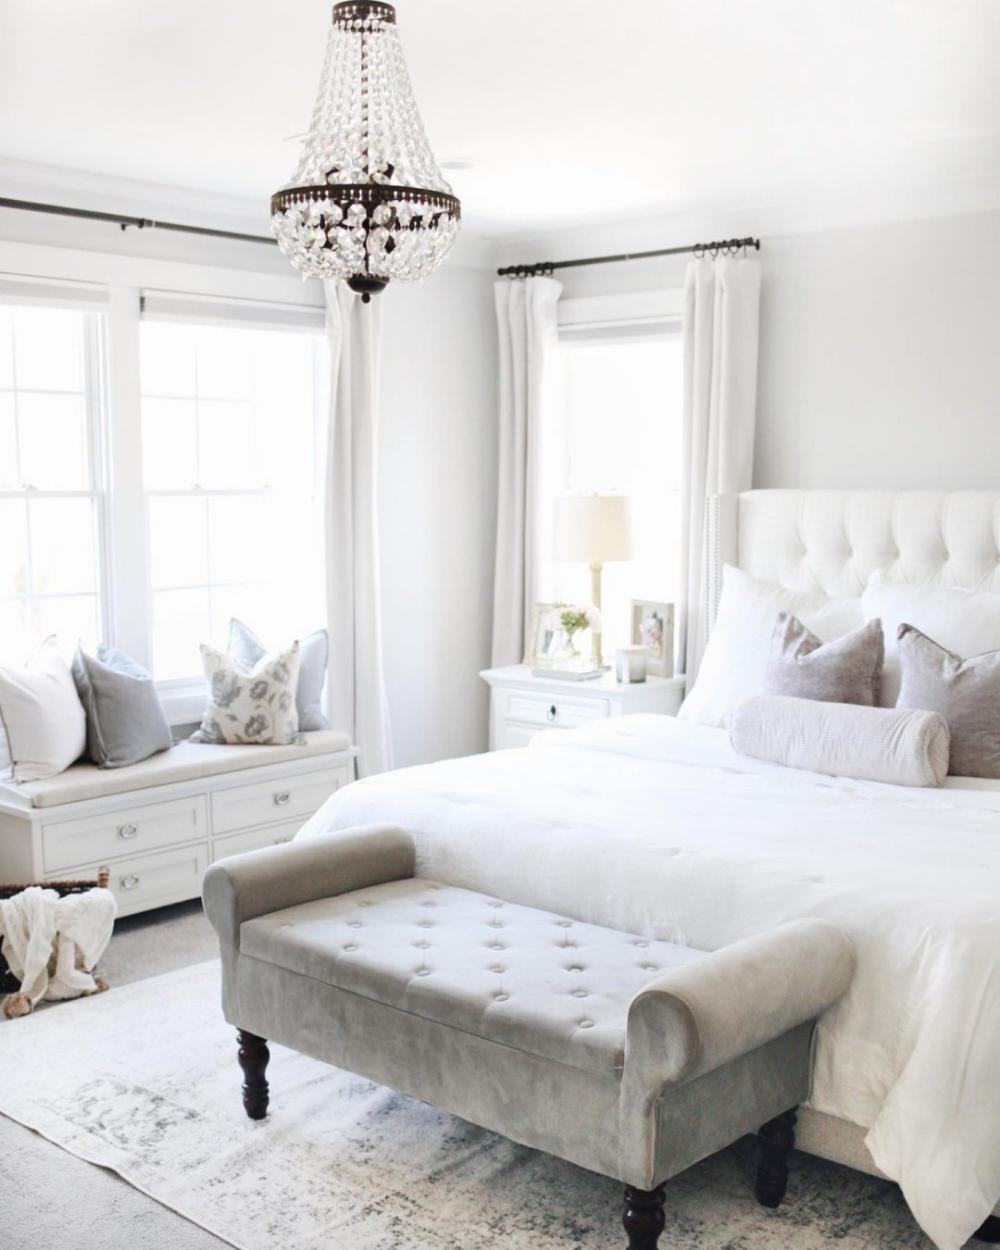 Shop the Look: Bedroom  Overstock.com  Luxe bedroom, Bedroom